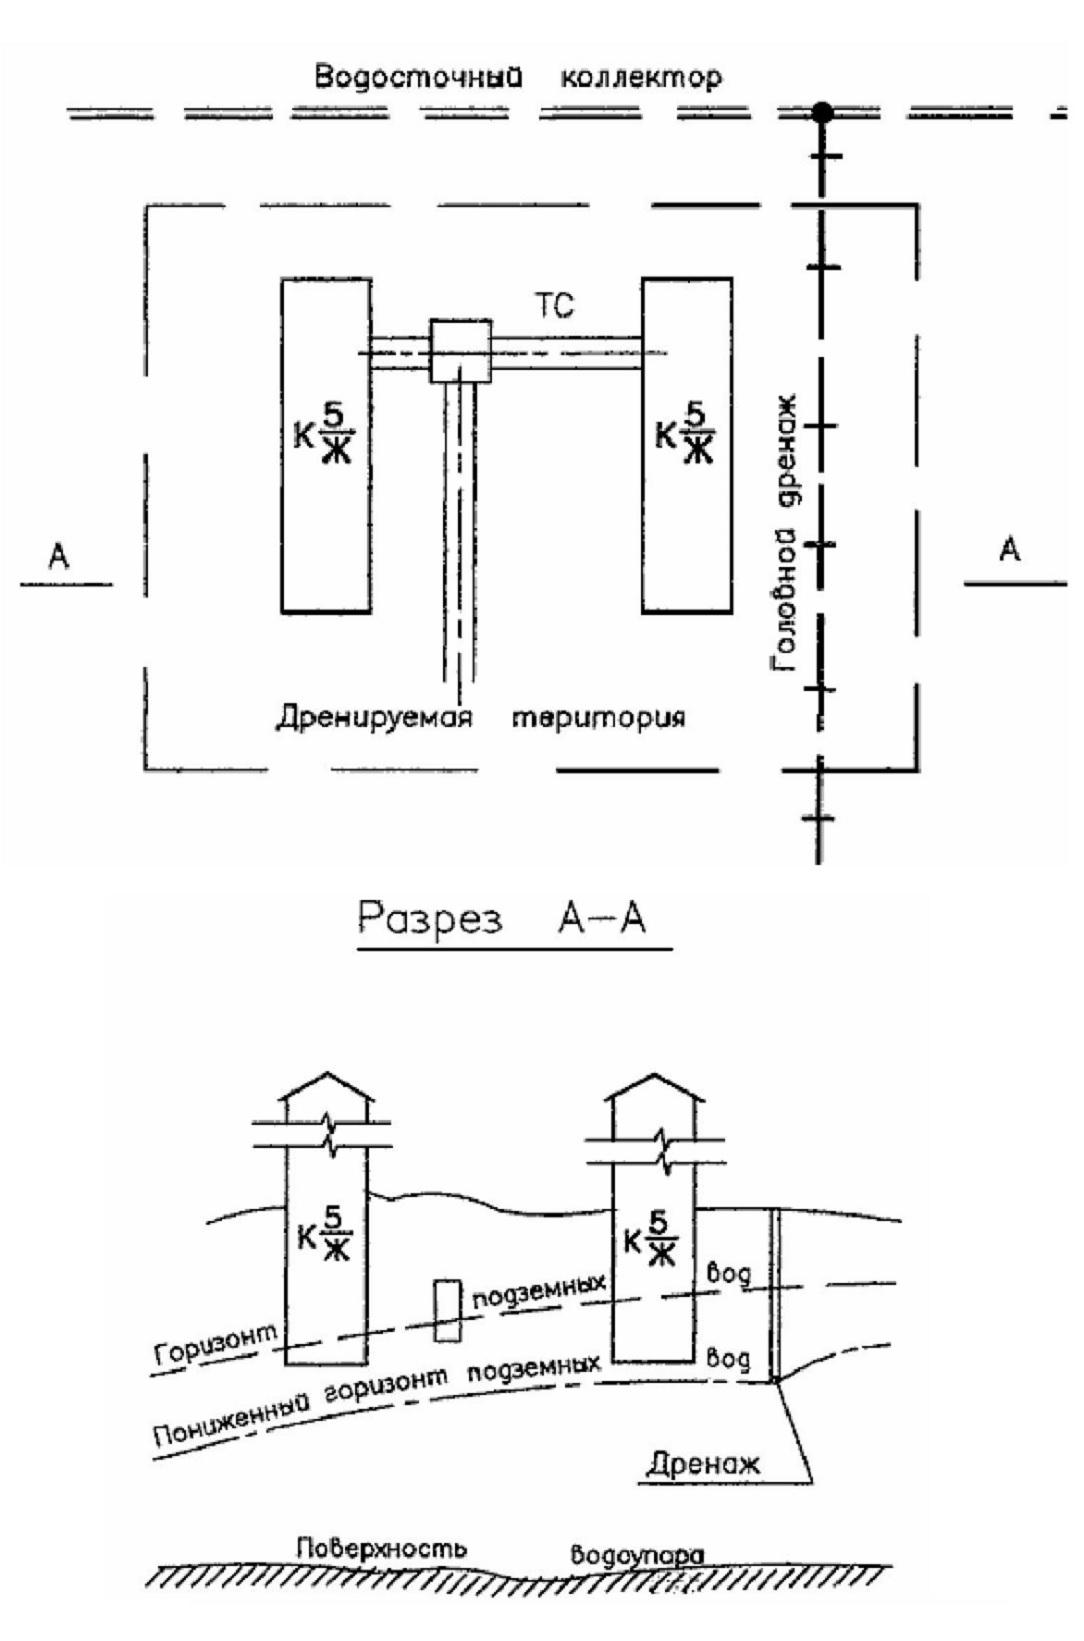 Дренажная система участка